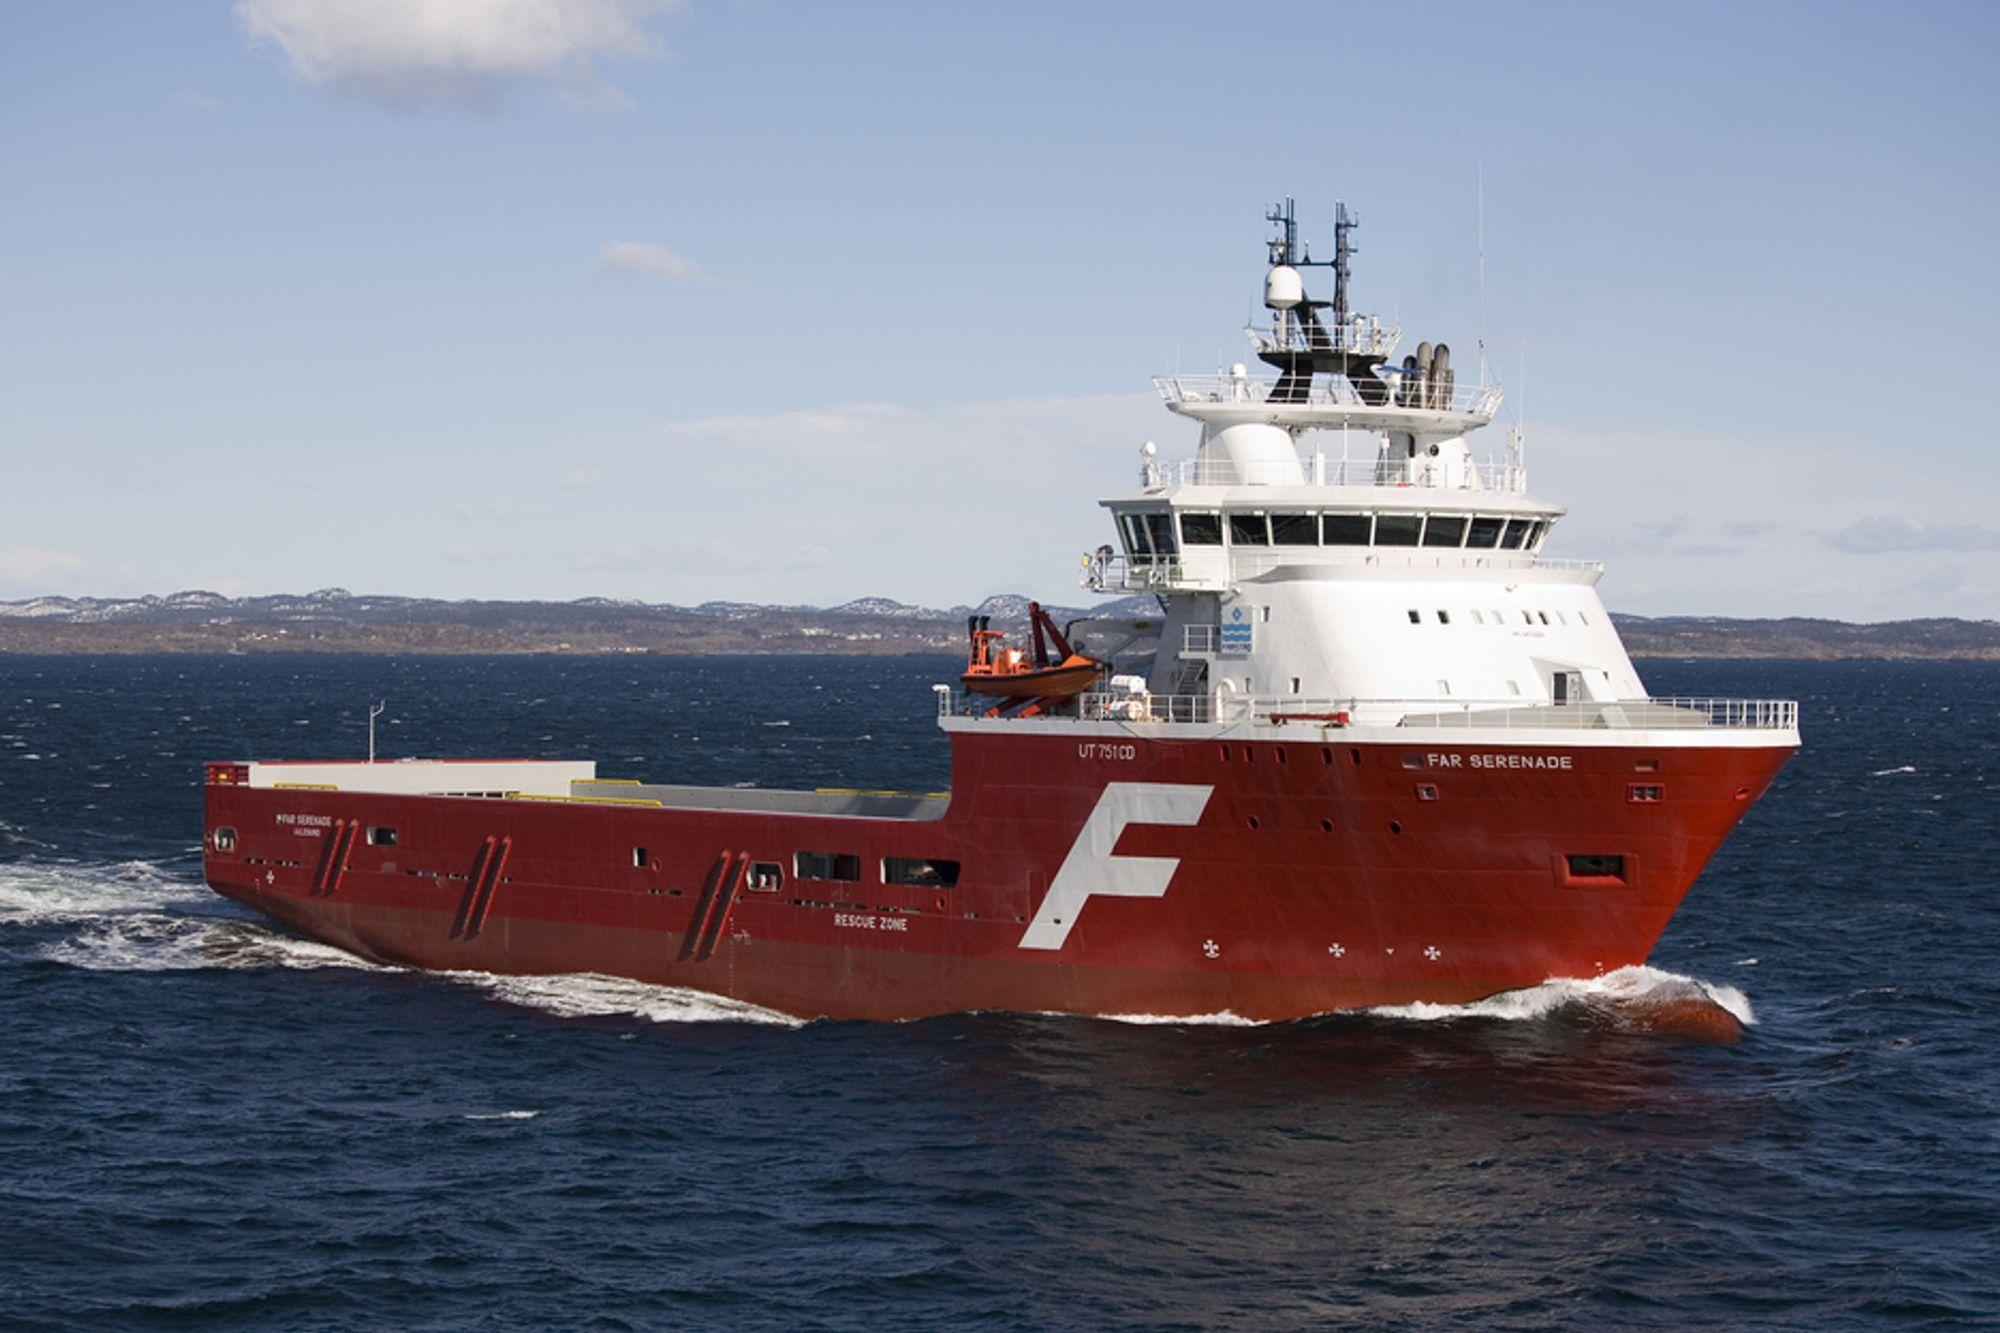 Far Serenade er bygget ved STX Europe i Brevik, Telemark. Skipet er 93,9 meter langt og 21 meter bredt. Design: Rolls-Royce UT 751 CD